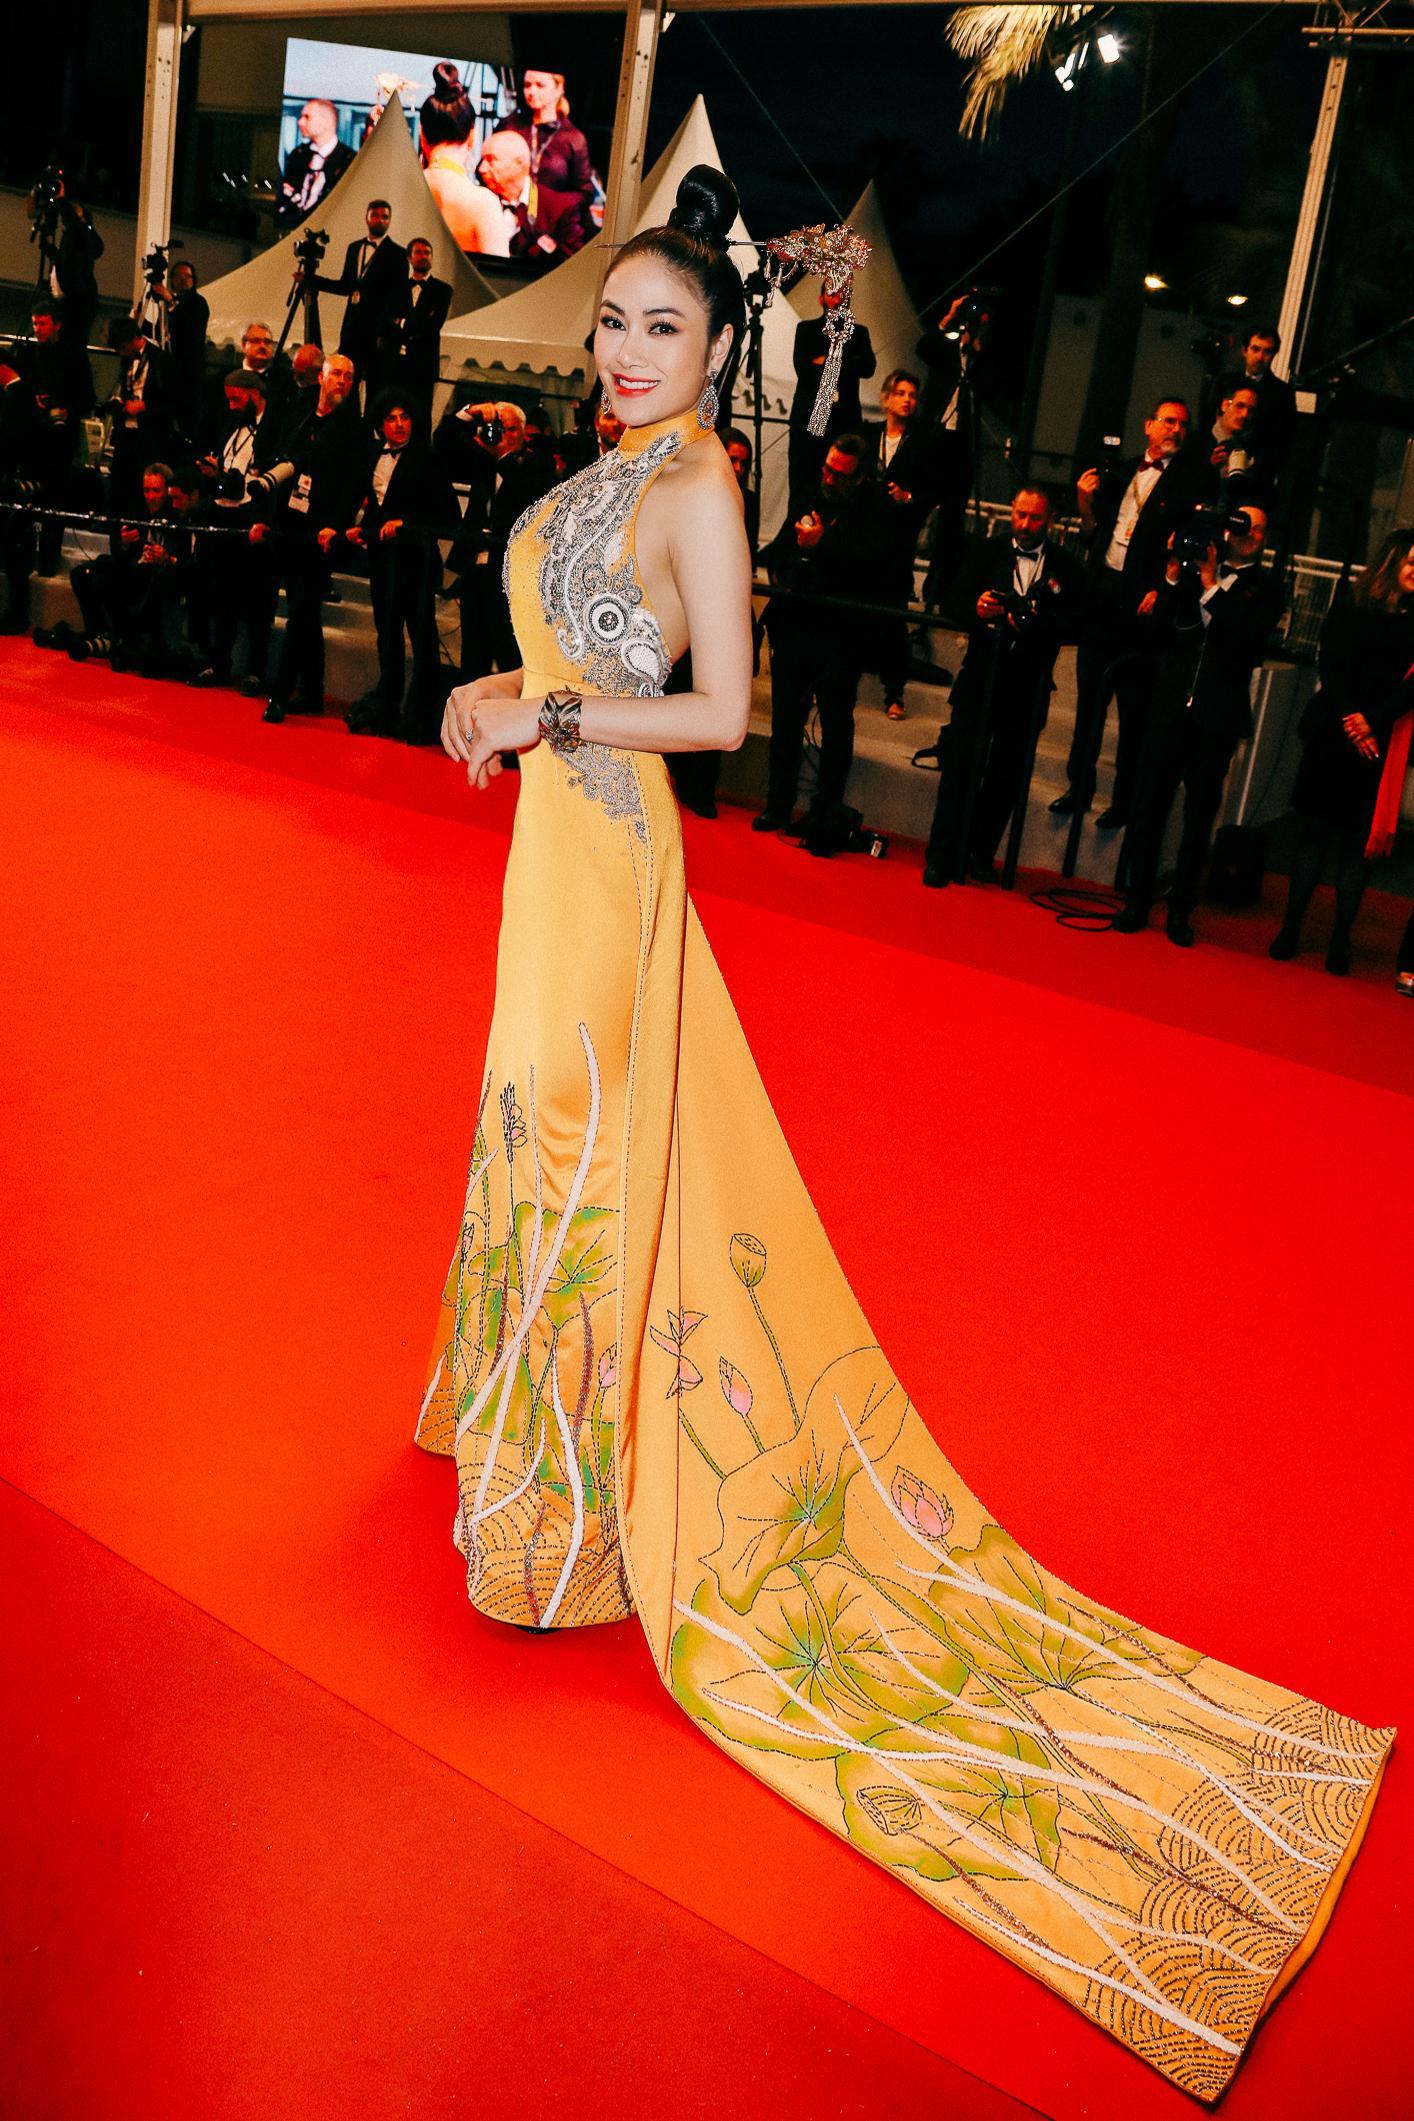 Sau Ngọc Trinh, thêm một người đẹp Việt 'náo loạn' thảm đỏ Cannes 2019 Ảnh 2